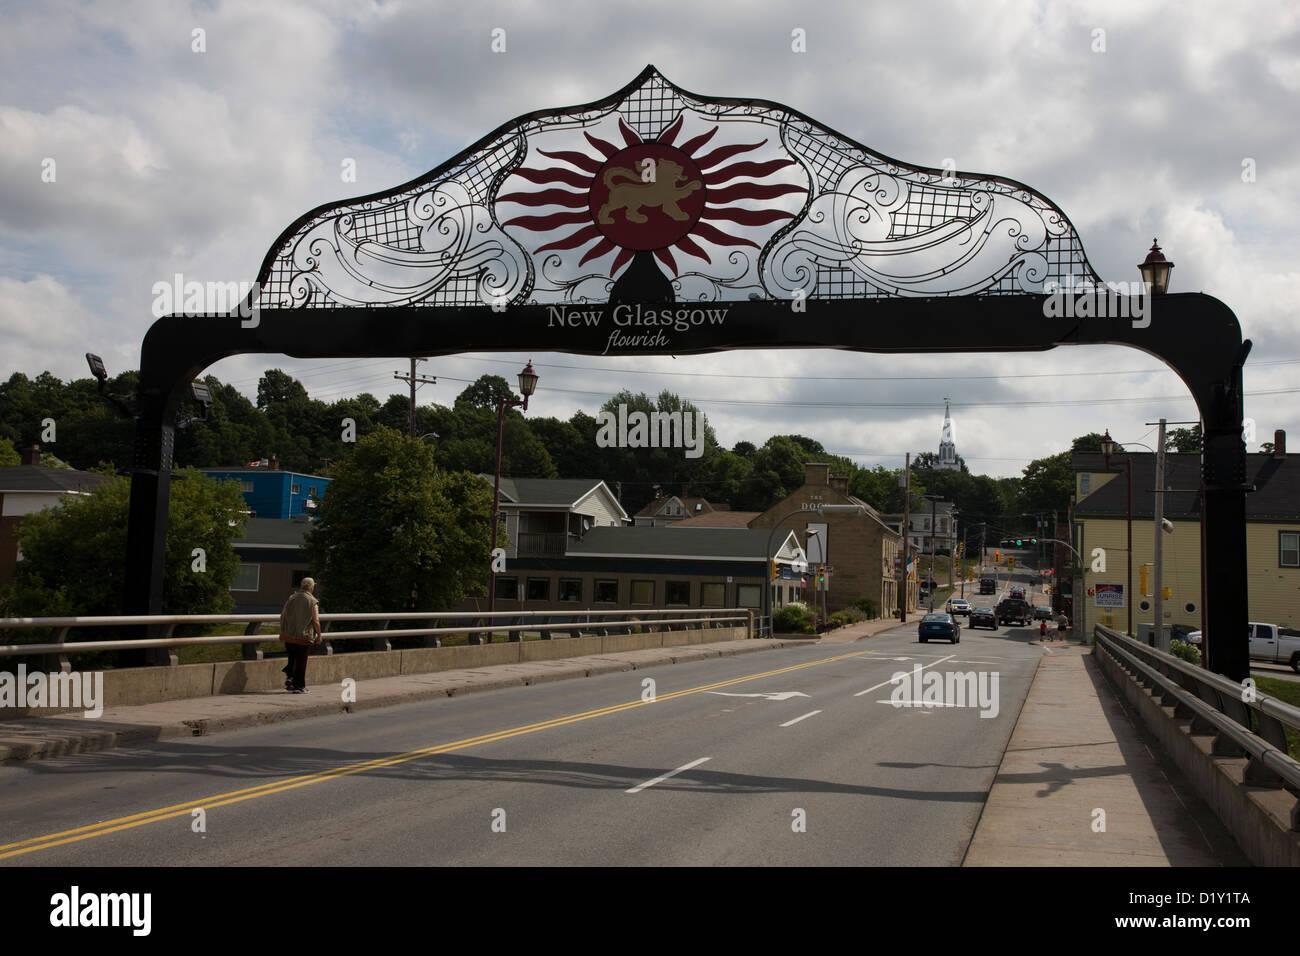 """Strada principale sul fiume in New Glasgow, Nova Scotia, con il gateway e il motto """"fiorire"""" Immagini Stock"""